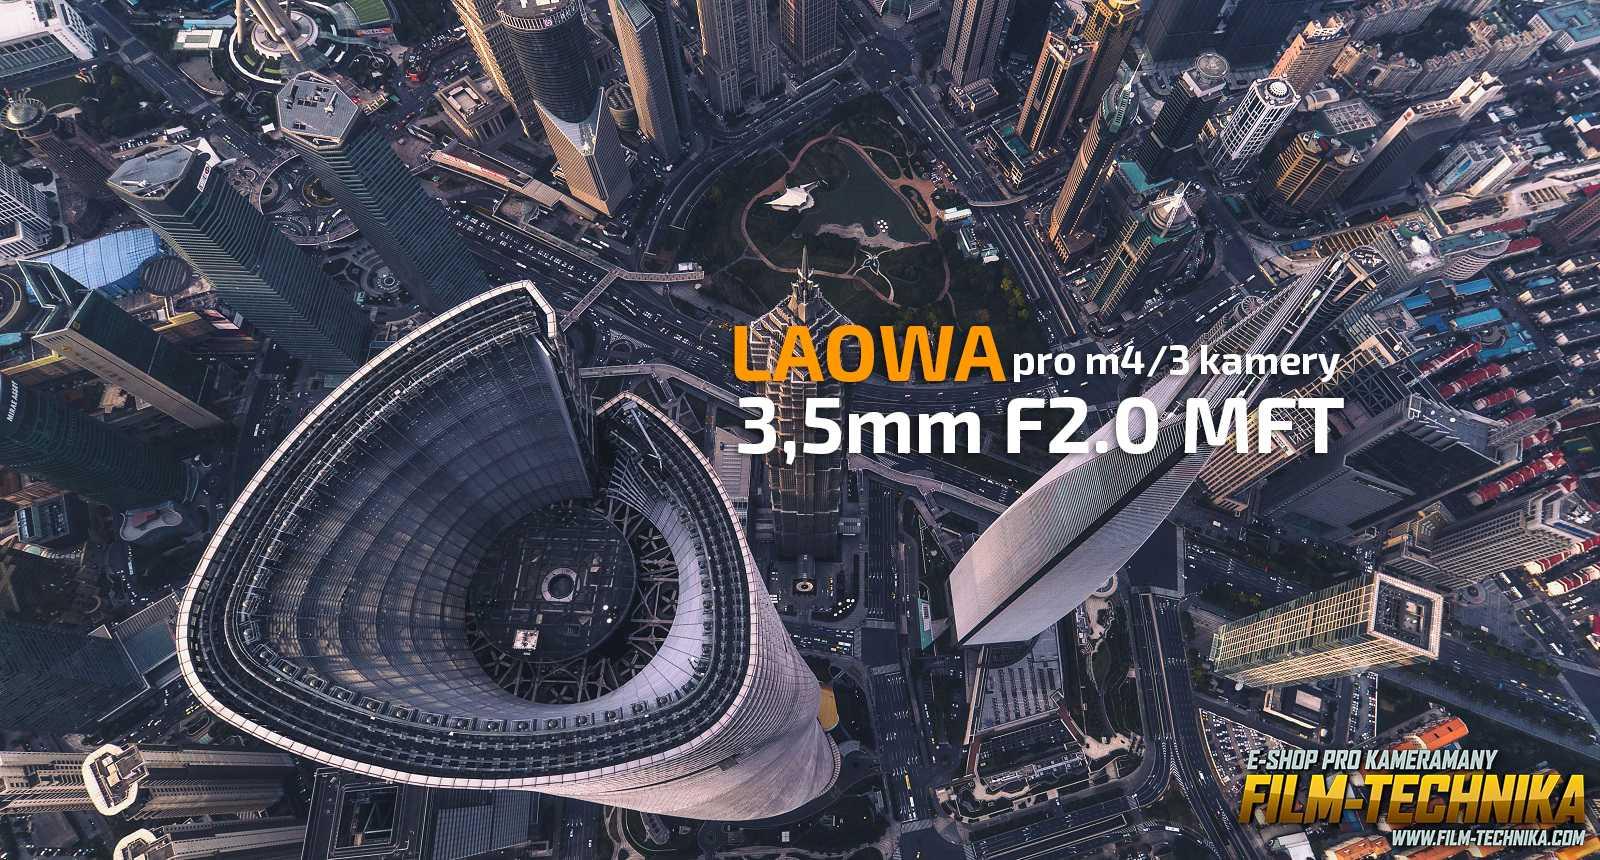 film-technika-laowa-7-5mm-03-intext